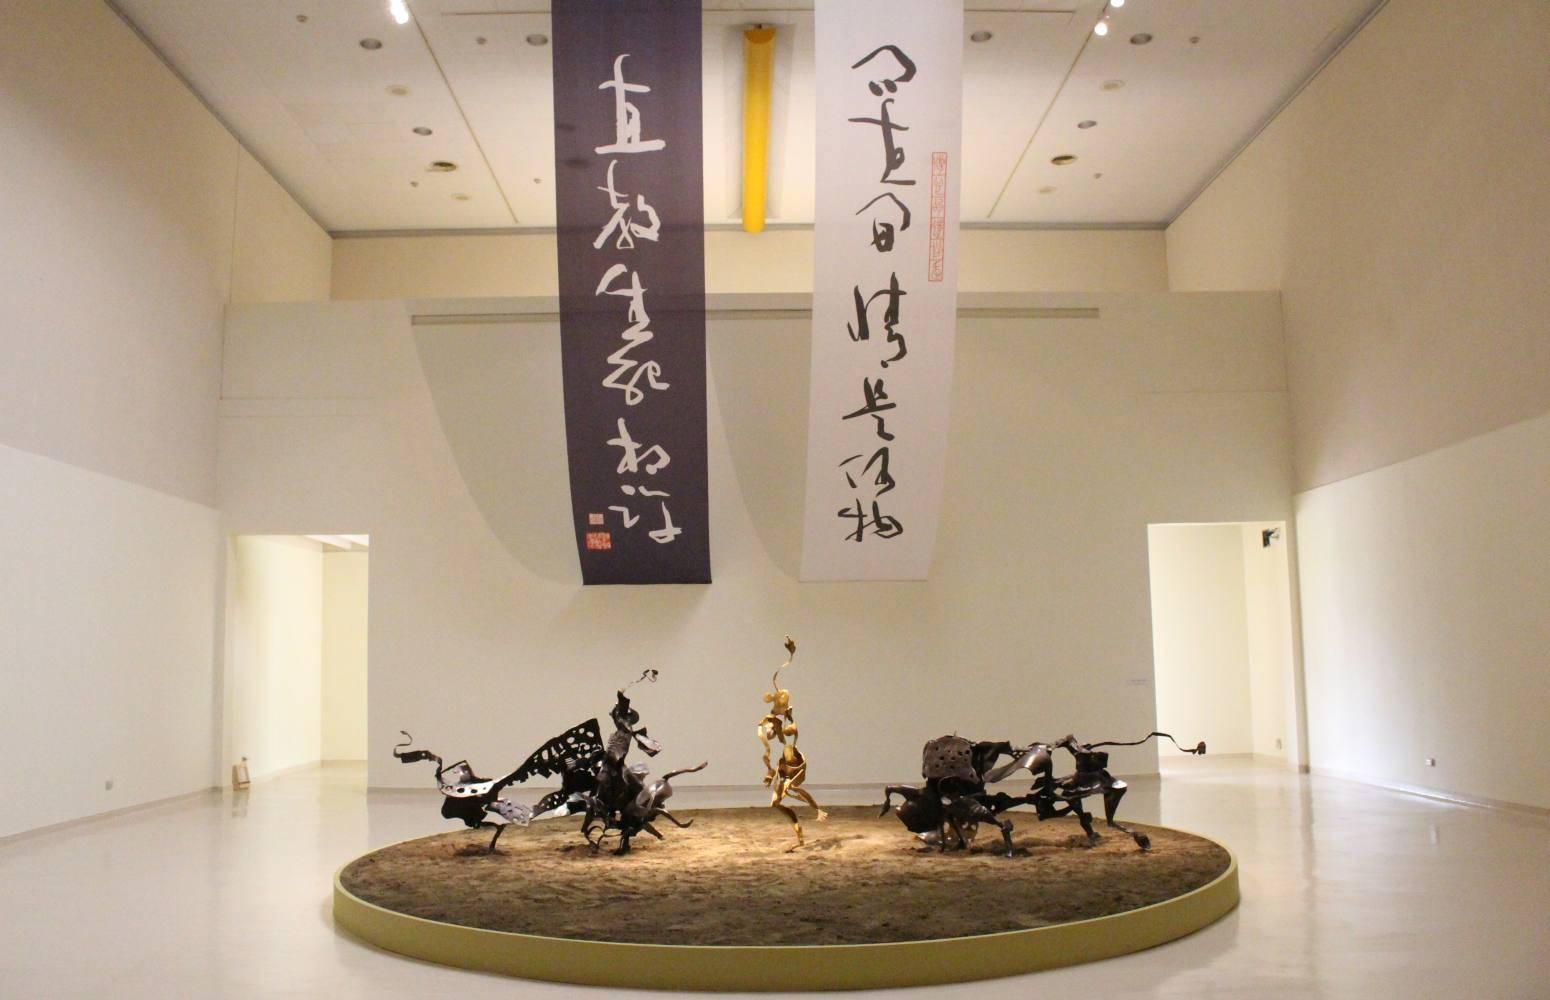 李光裕,《機智的鬥牛士》(左)、《格蘭納達》(中)、《紅色情挑》(右),2016年